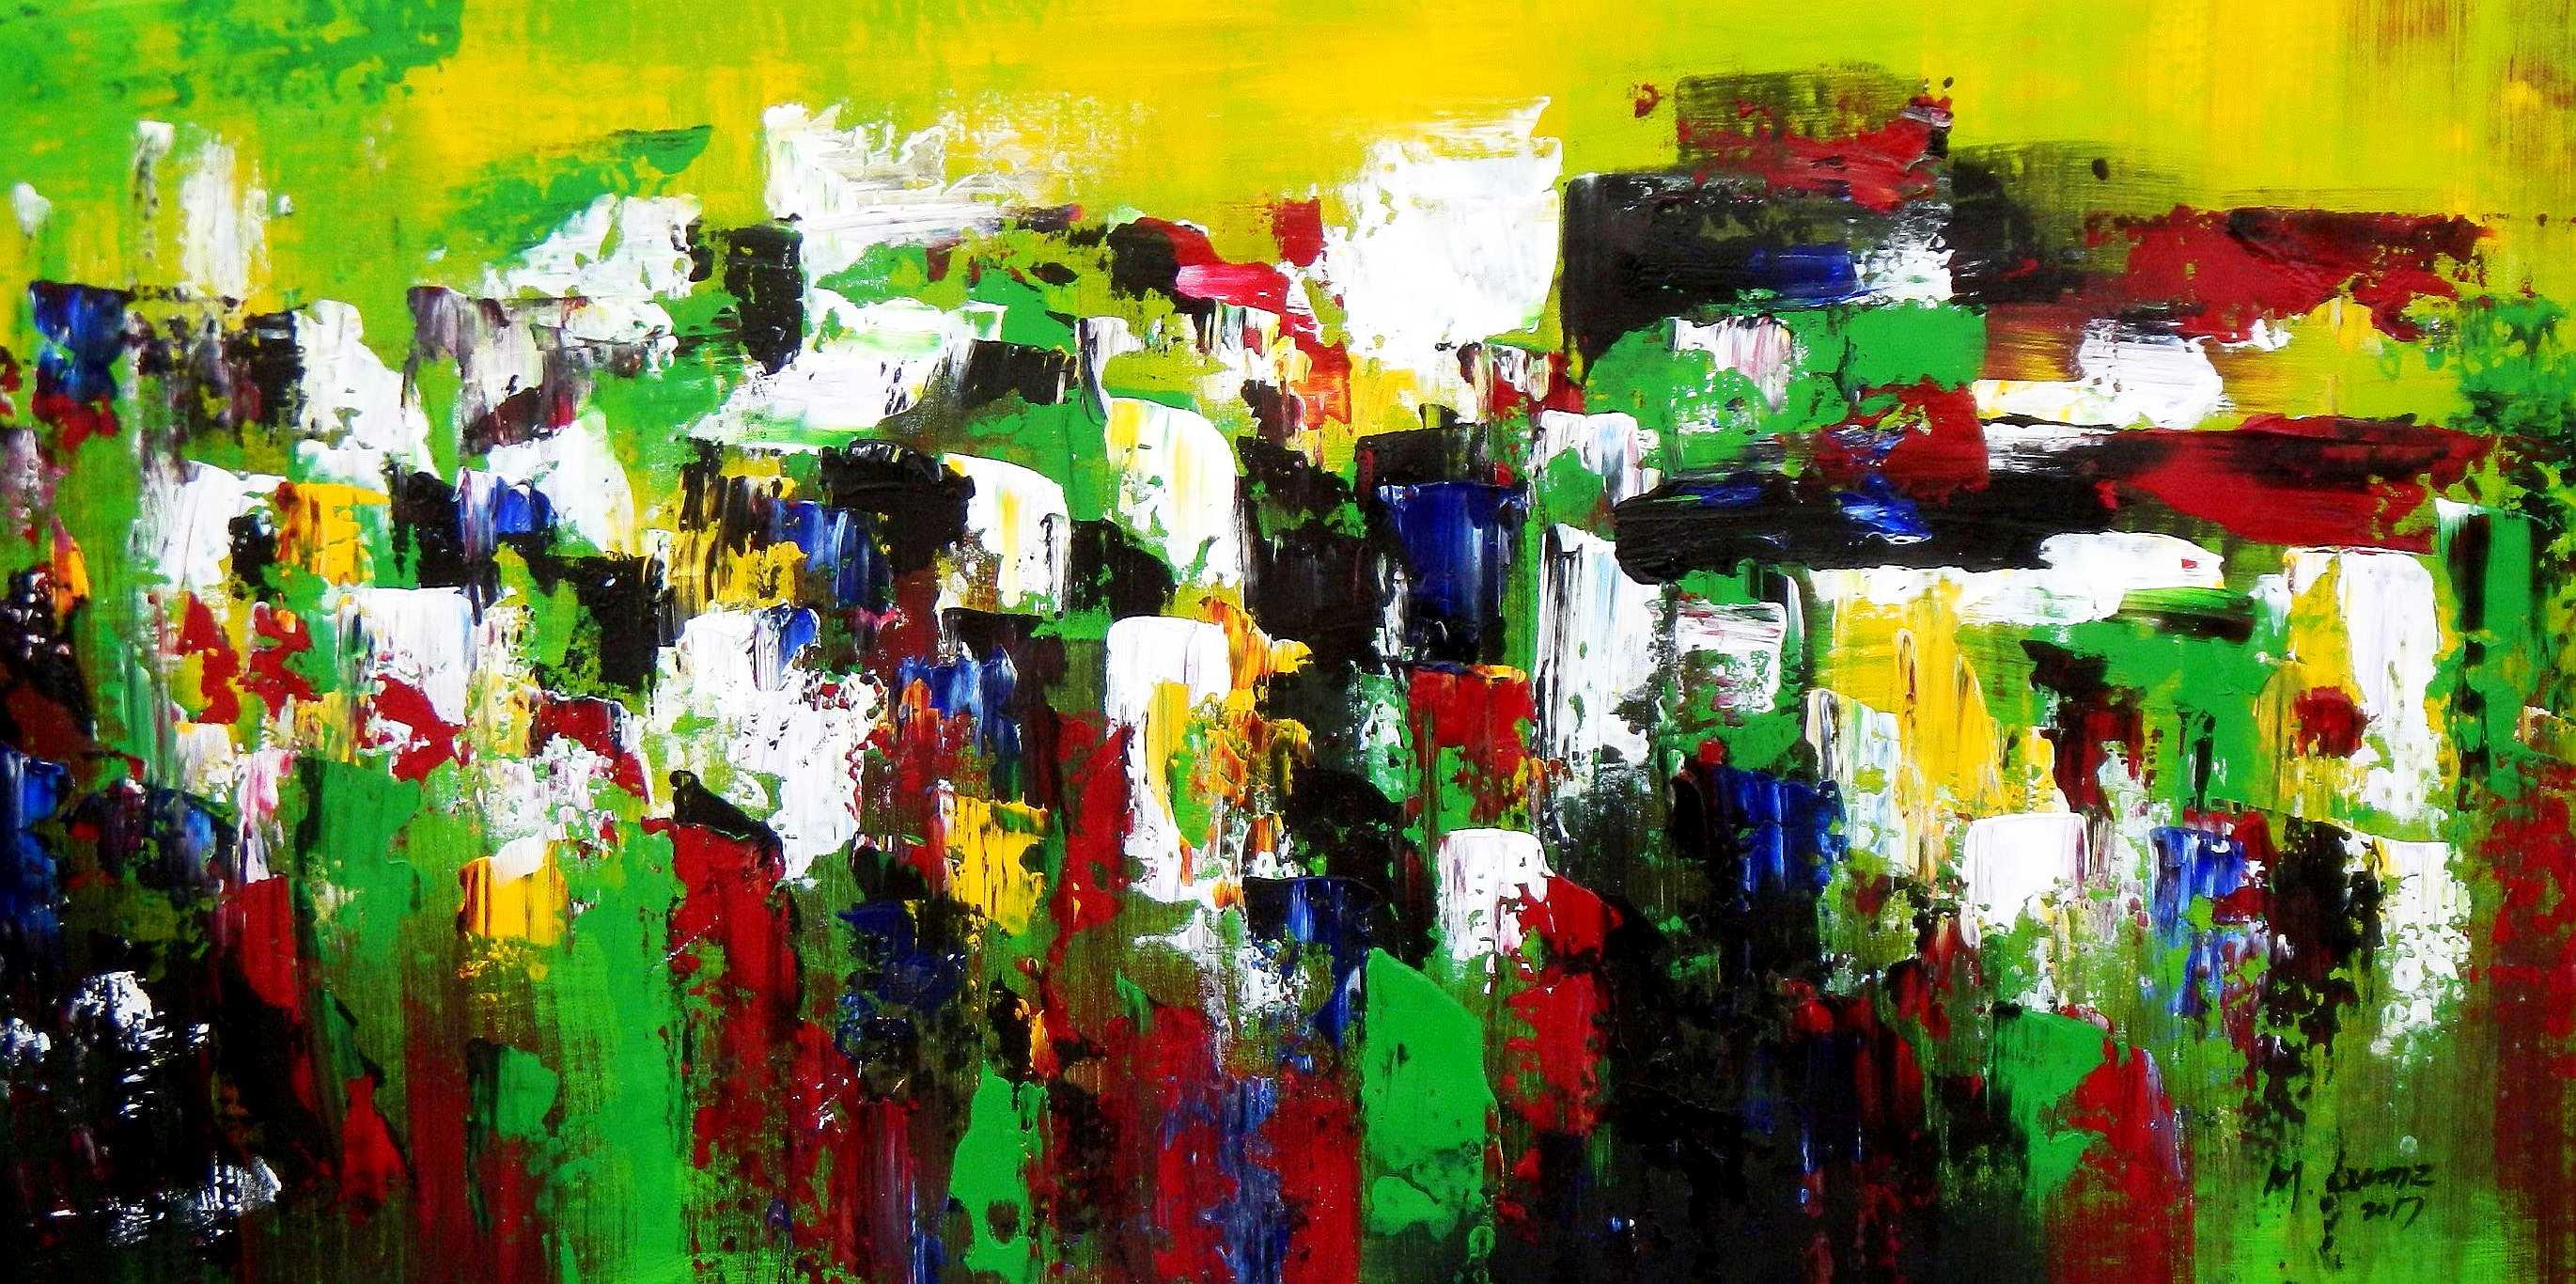 Abstrakt - Berlin Tiergarten f94924 60x120cm abstraktes Ölbild handgemalt